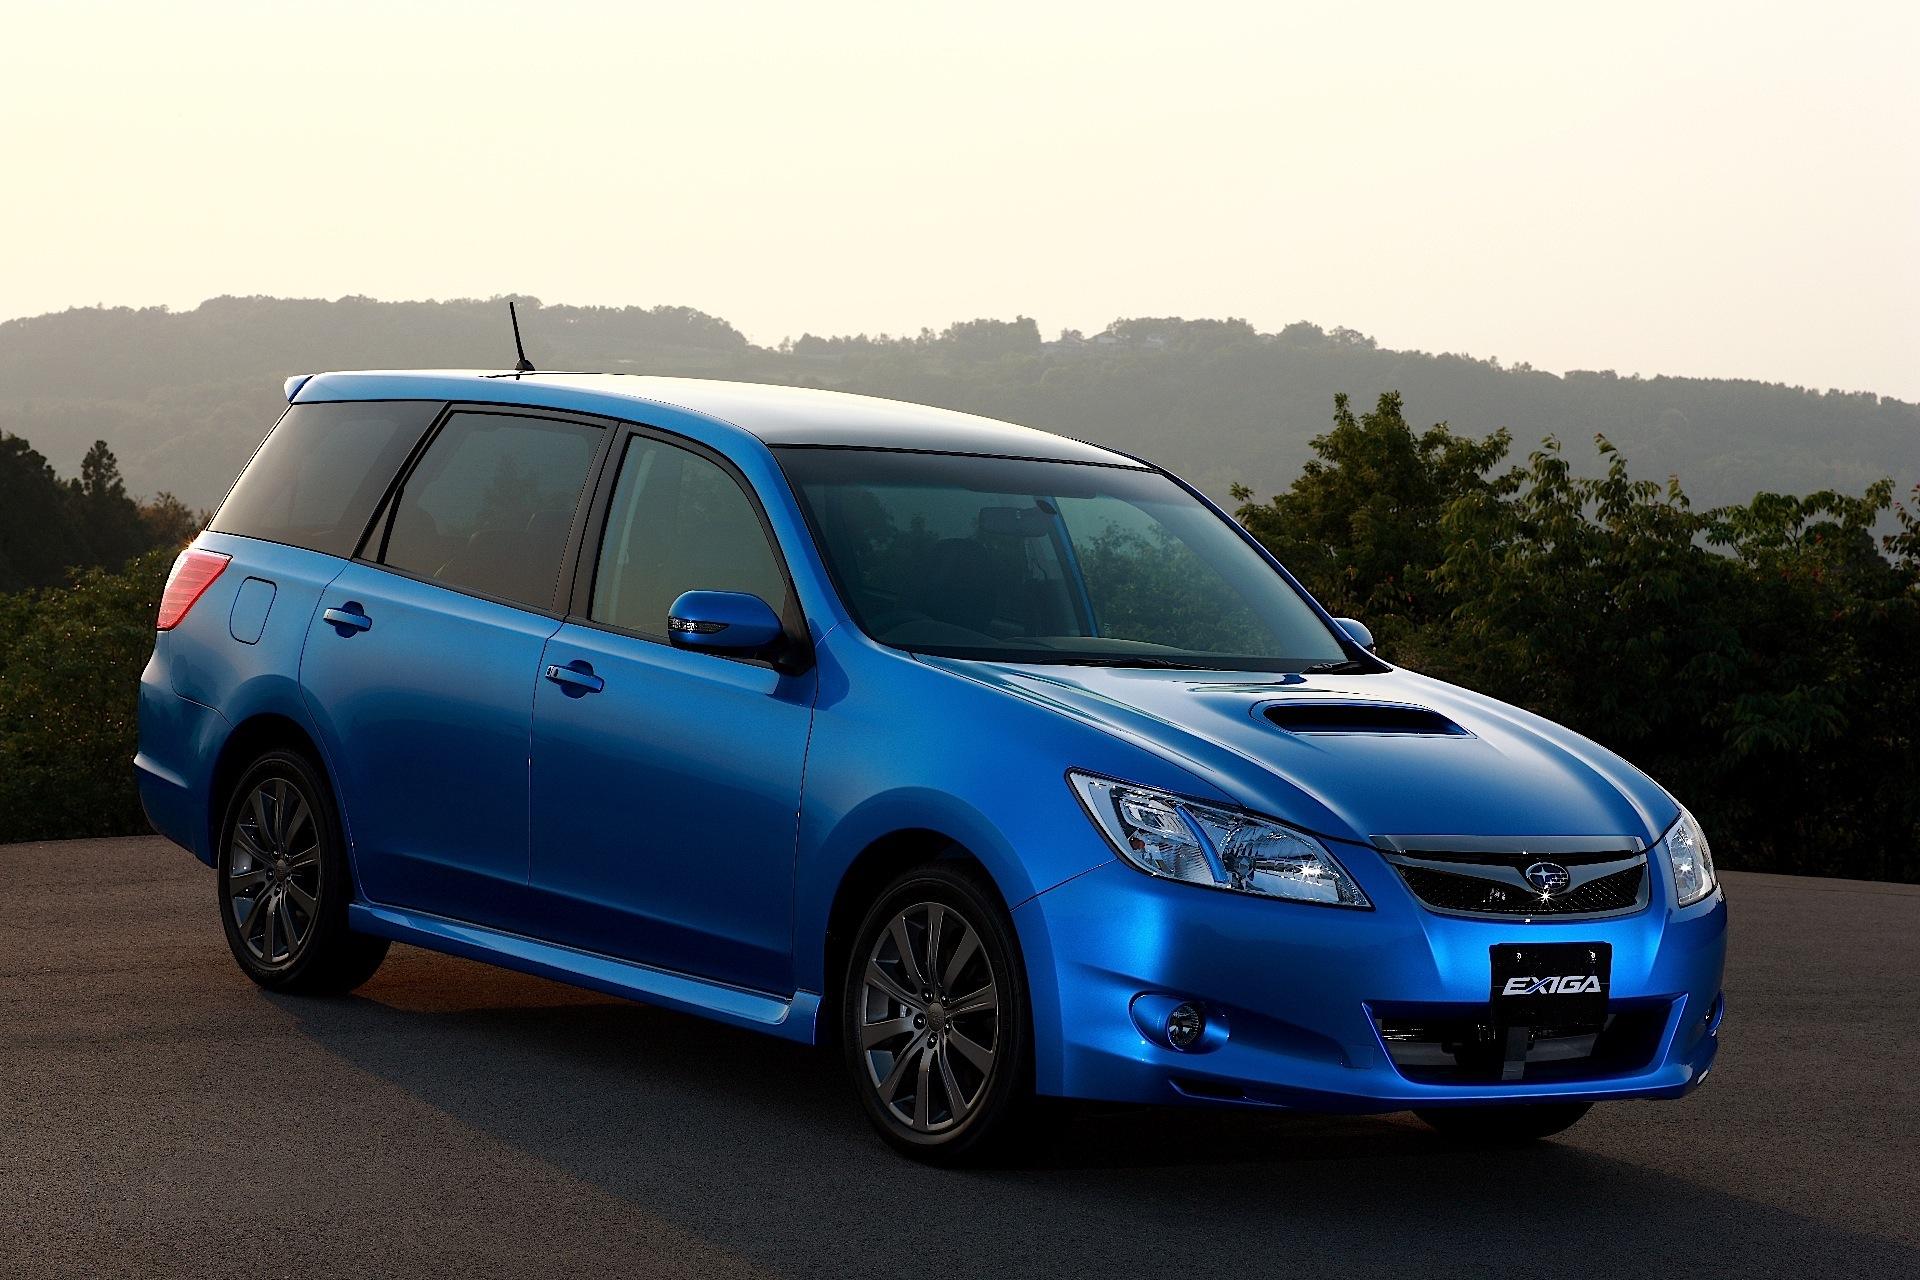 How To Drive A Manual Car >> SUBARU Exiga specs - 2008, 2009, 2010, 2011, 2012, 2013, 2014, 2015, 2016, 2017, 2018 ...